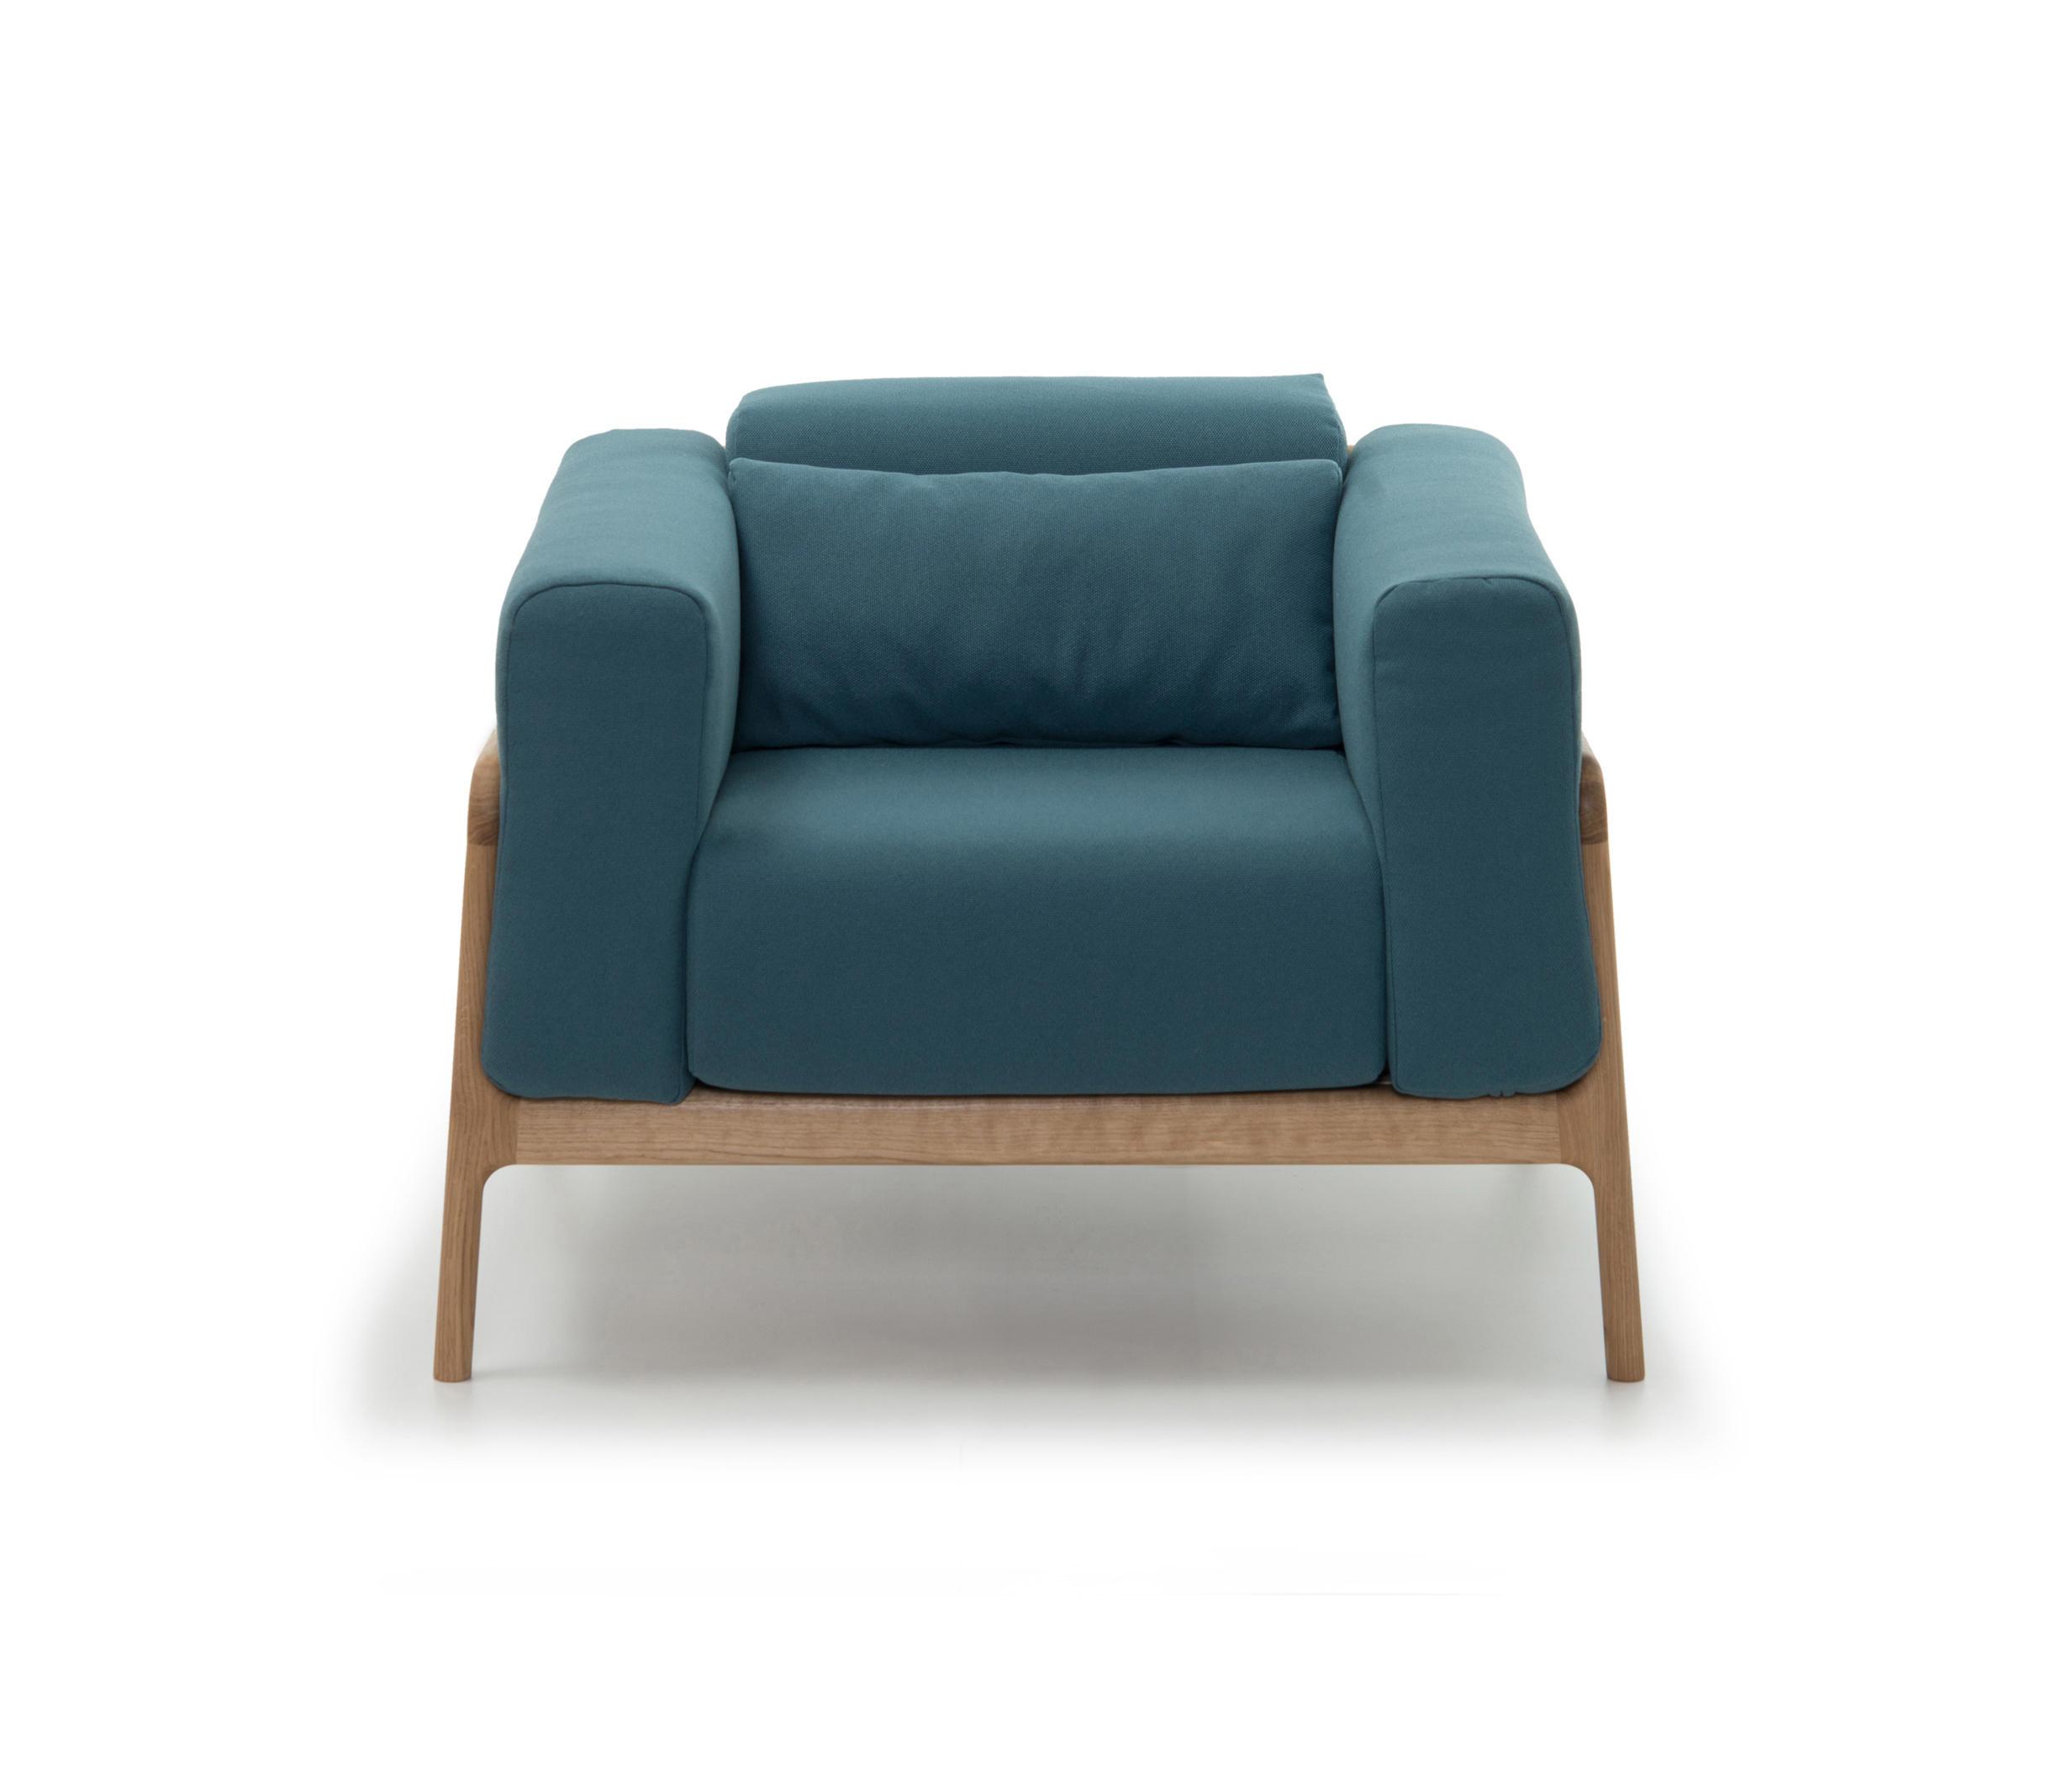 Bemerkenswert Sessel Couch Galerie Von Fawn Sofa Everlast Von Gazzda |